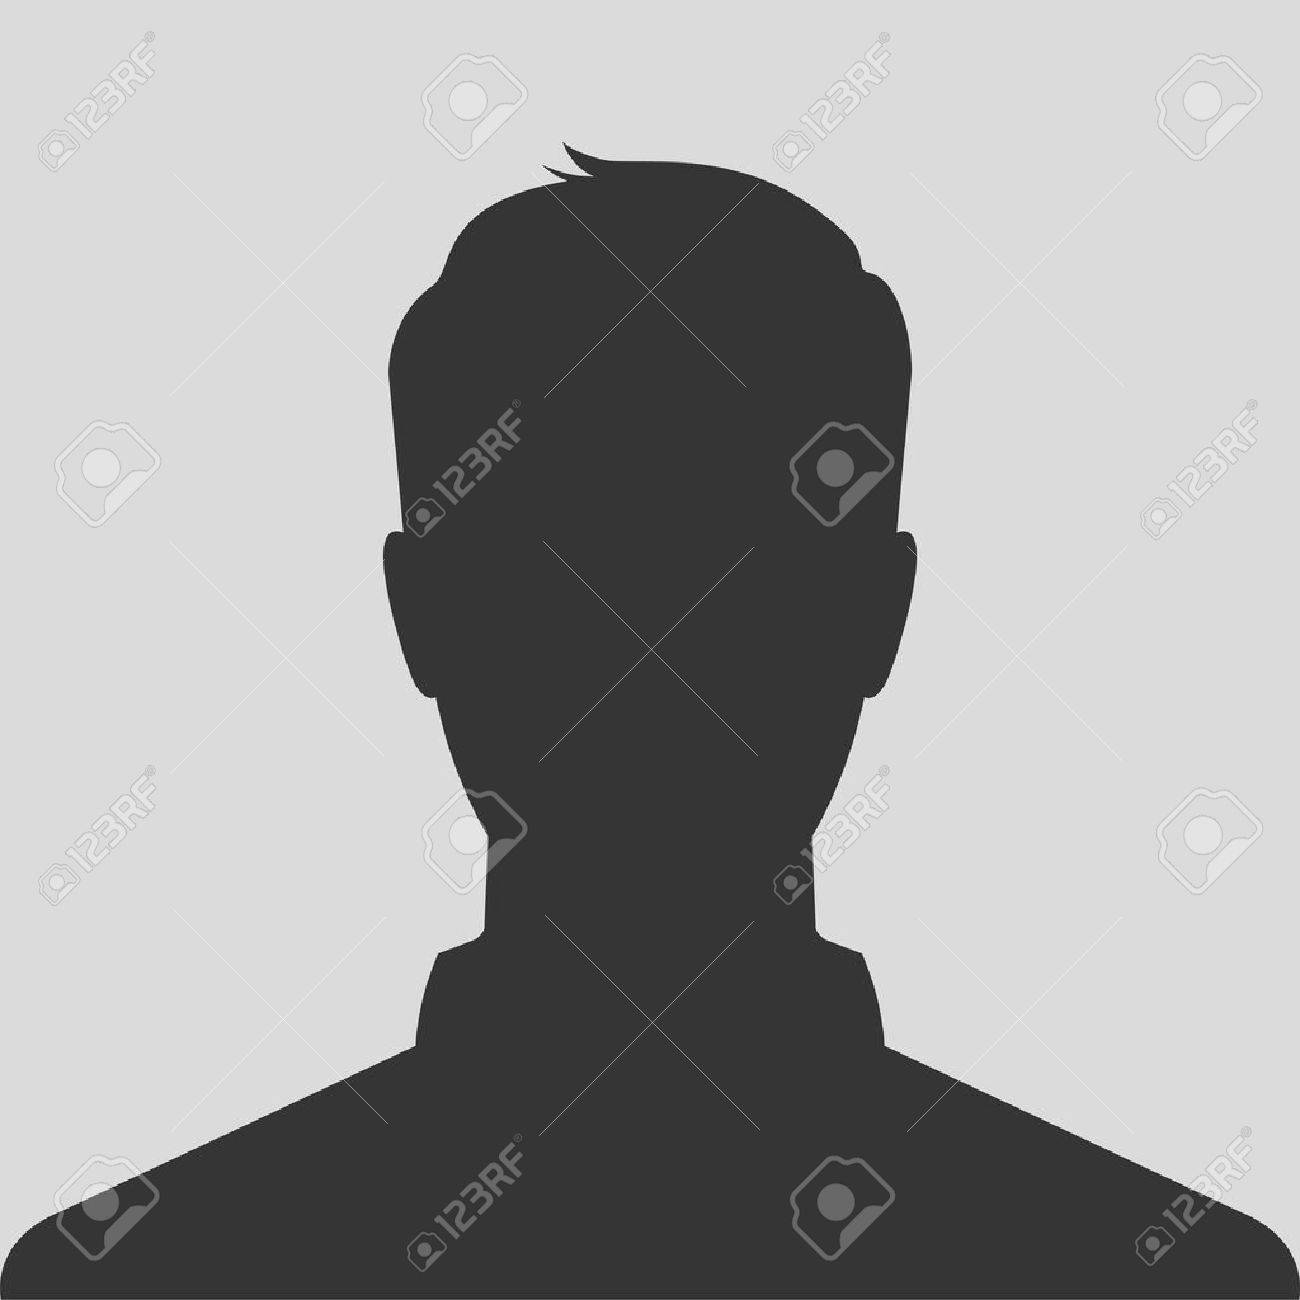 Male silhouette avatar profile picture - 29213222